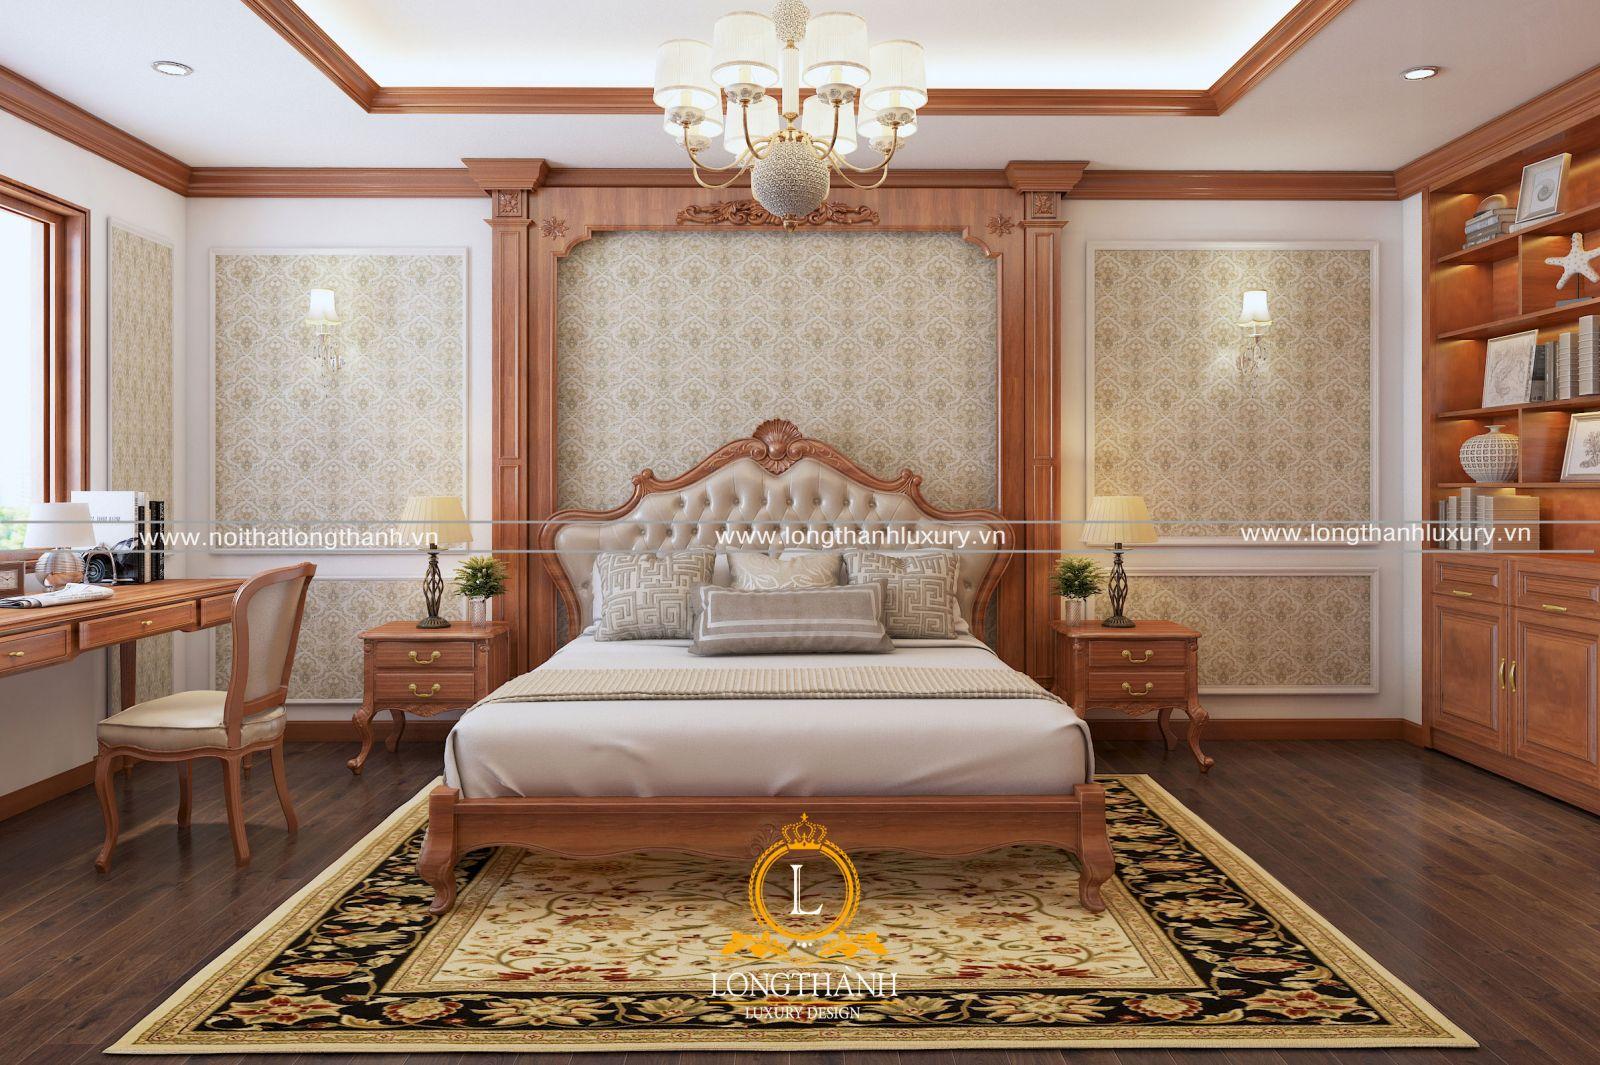 Mẫu phòng ngủ cao cấp với nội thất gỗ tự nhiên ấn tượng